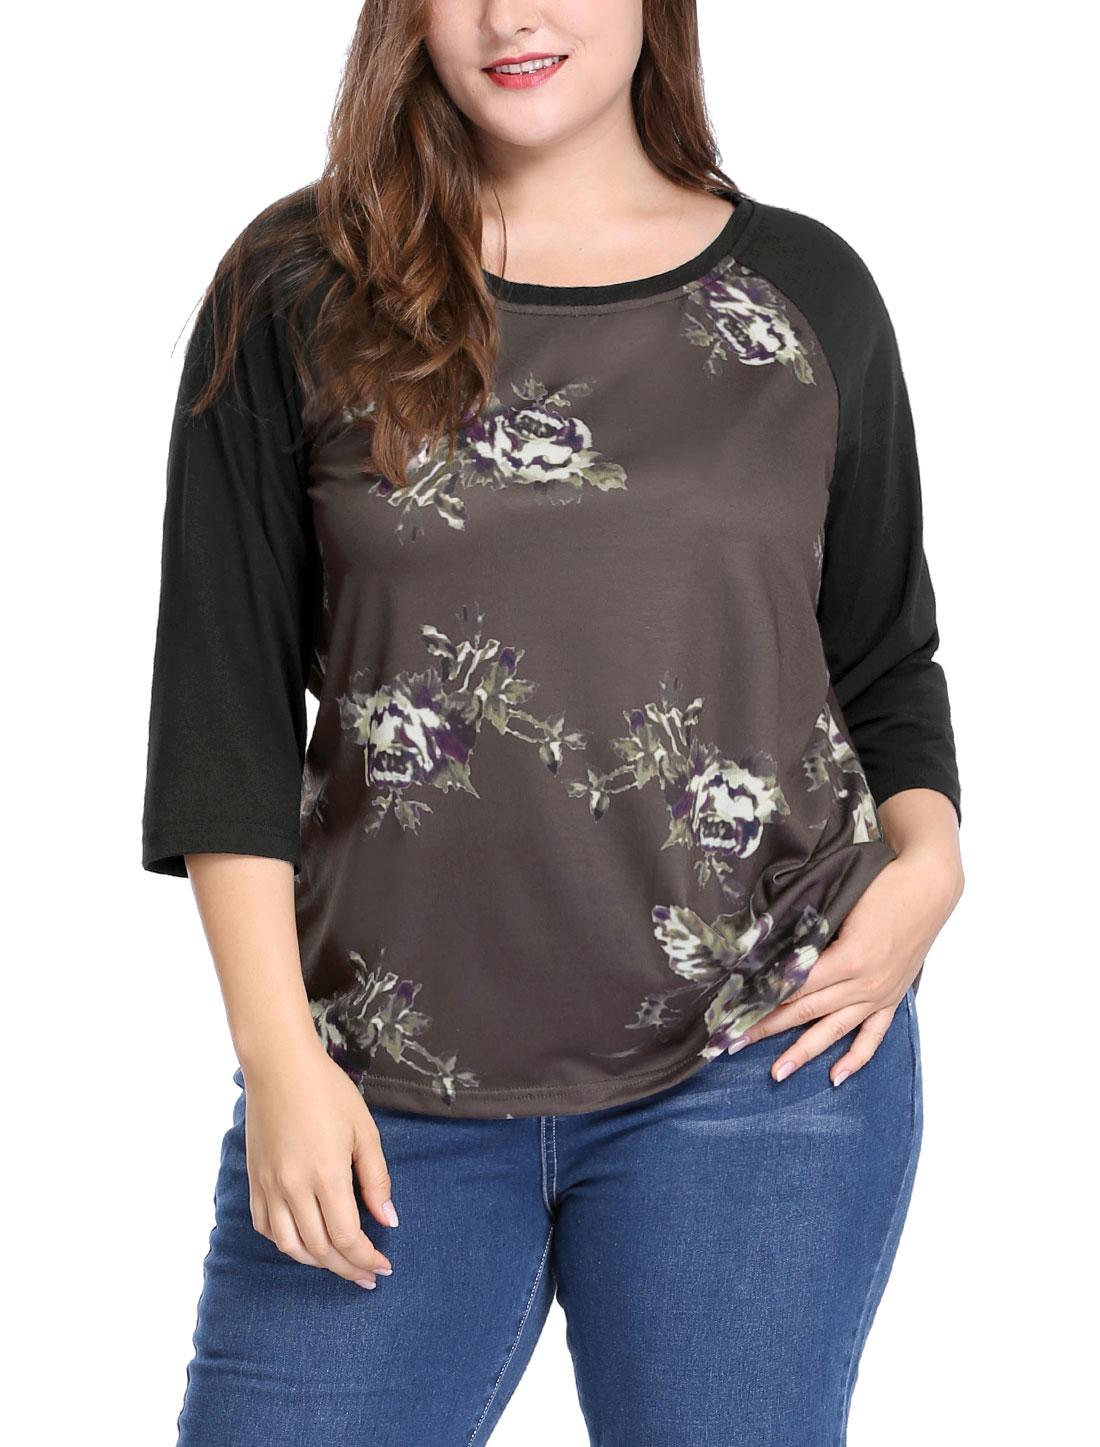 Women Plus Size 3/4 Raglan Sleeves Scoop Neck Floral Top Coffee 3X